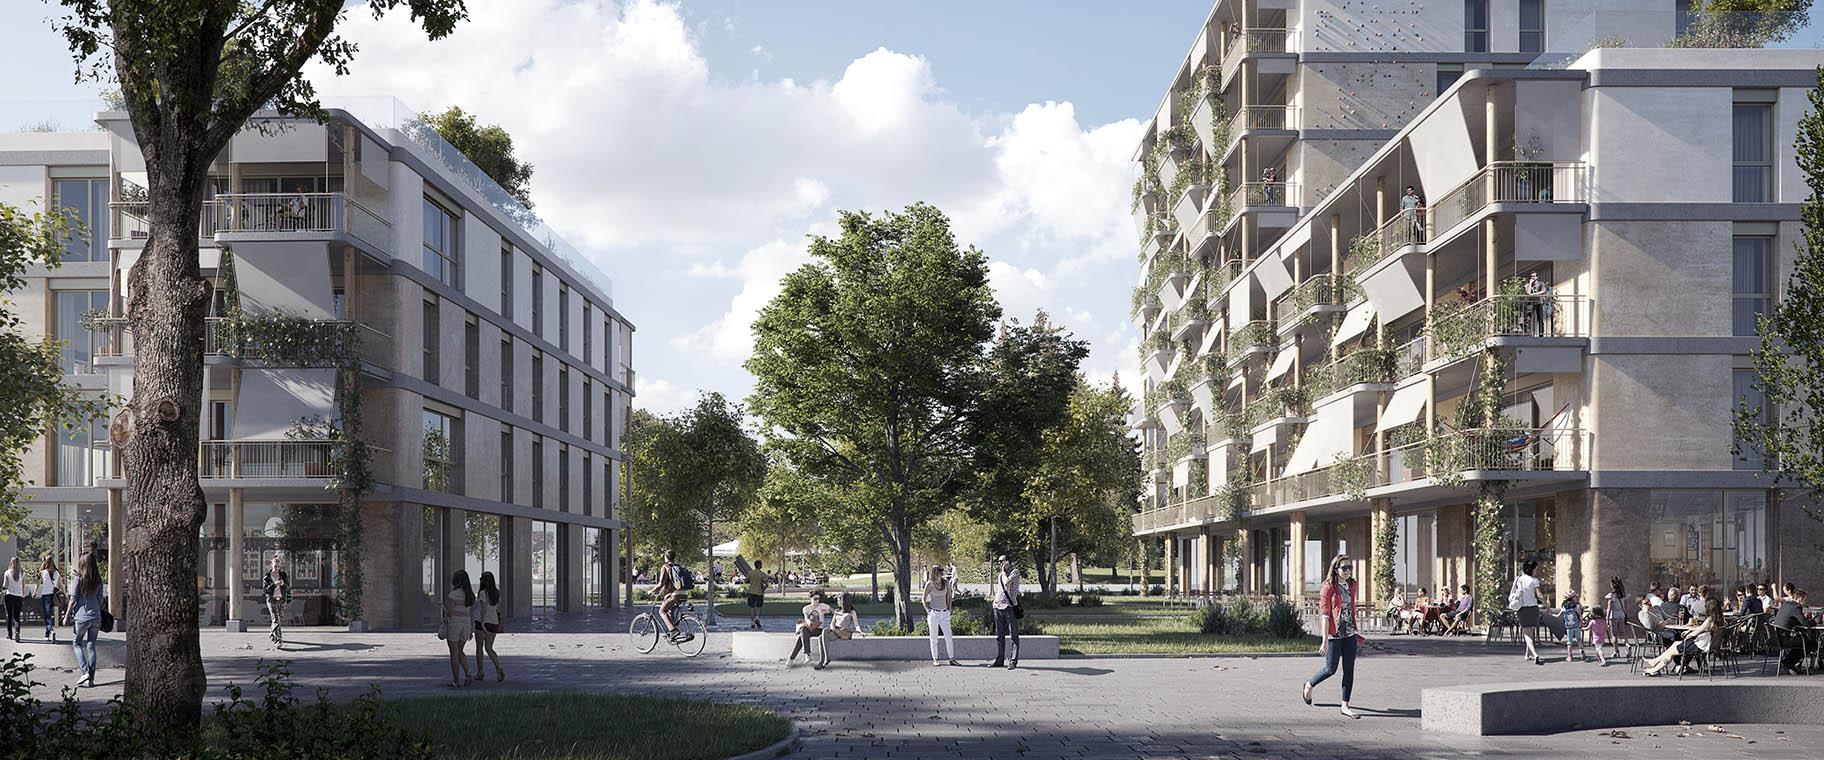 Perspective du projet lauréat pour le concours Chapelle-les-Sciers à Plan-les-Ouates par les bureaux ATBA et VIMADE architectes paysagistes pour la coopérative la Bistoquette, espace public ouvert et partagé.